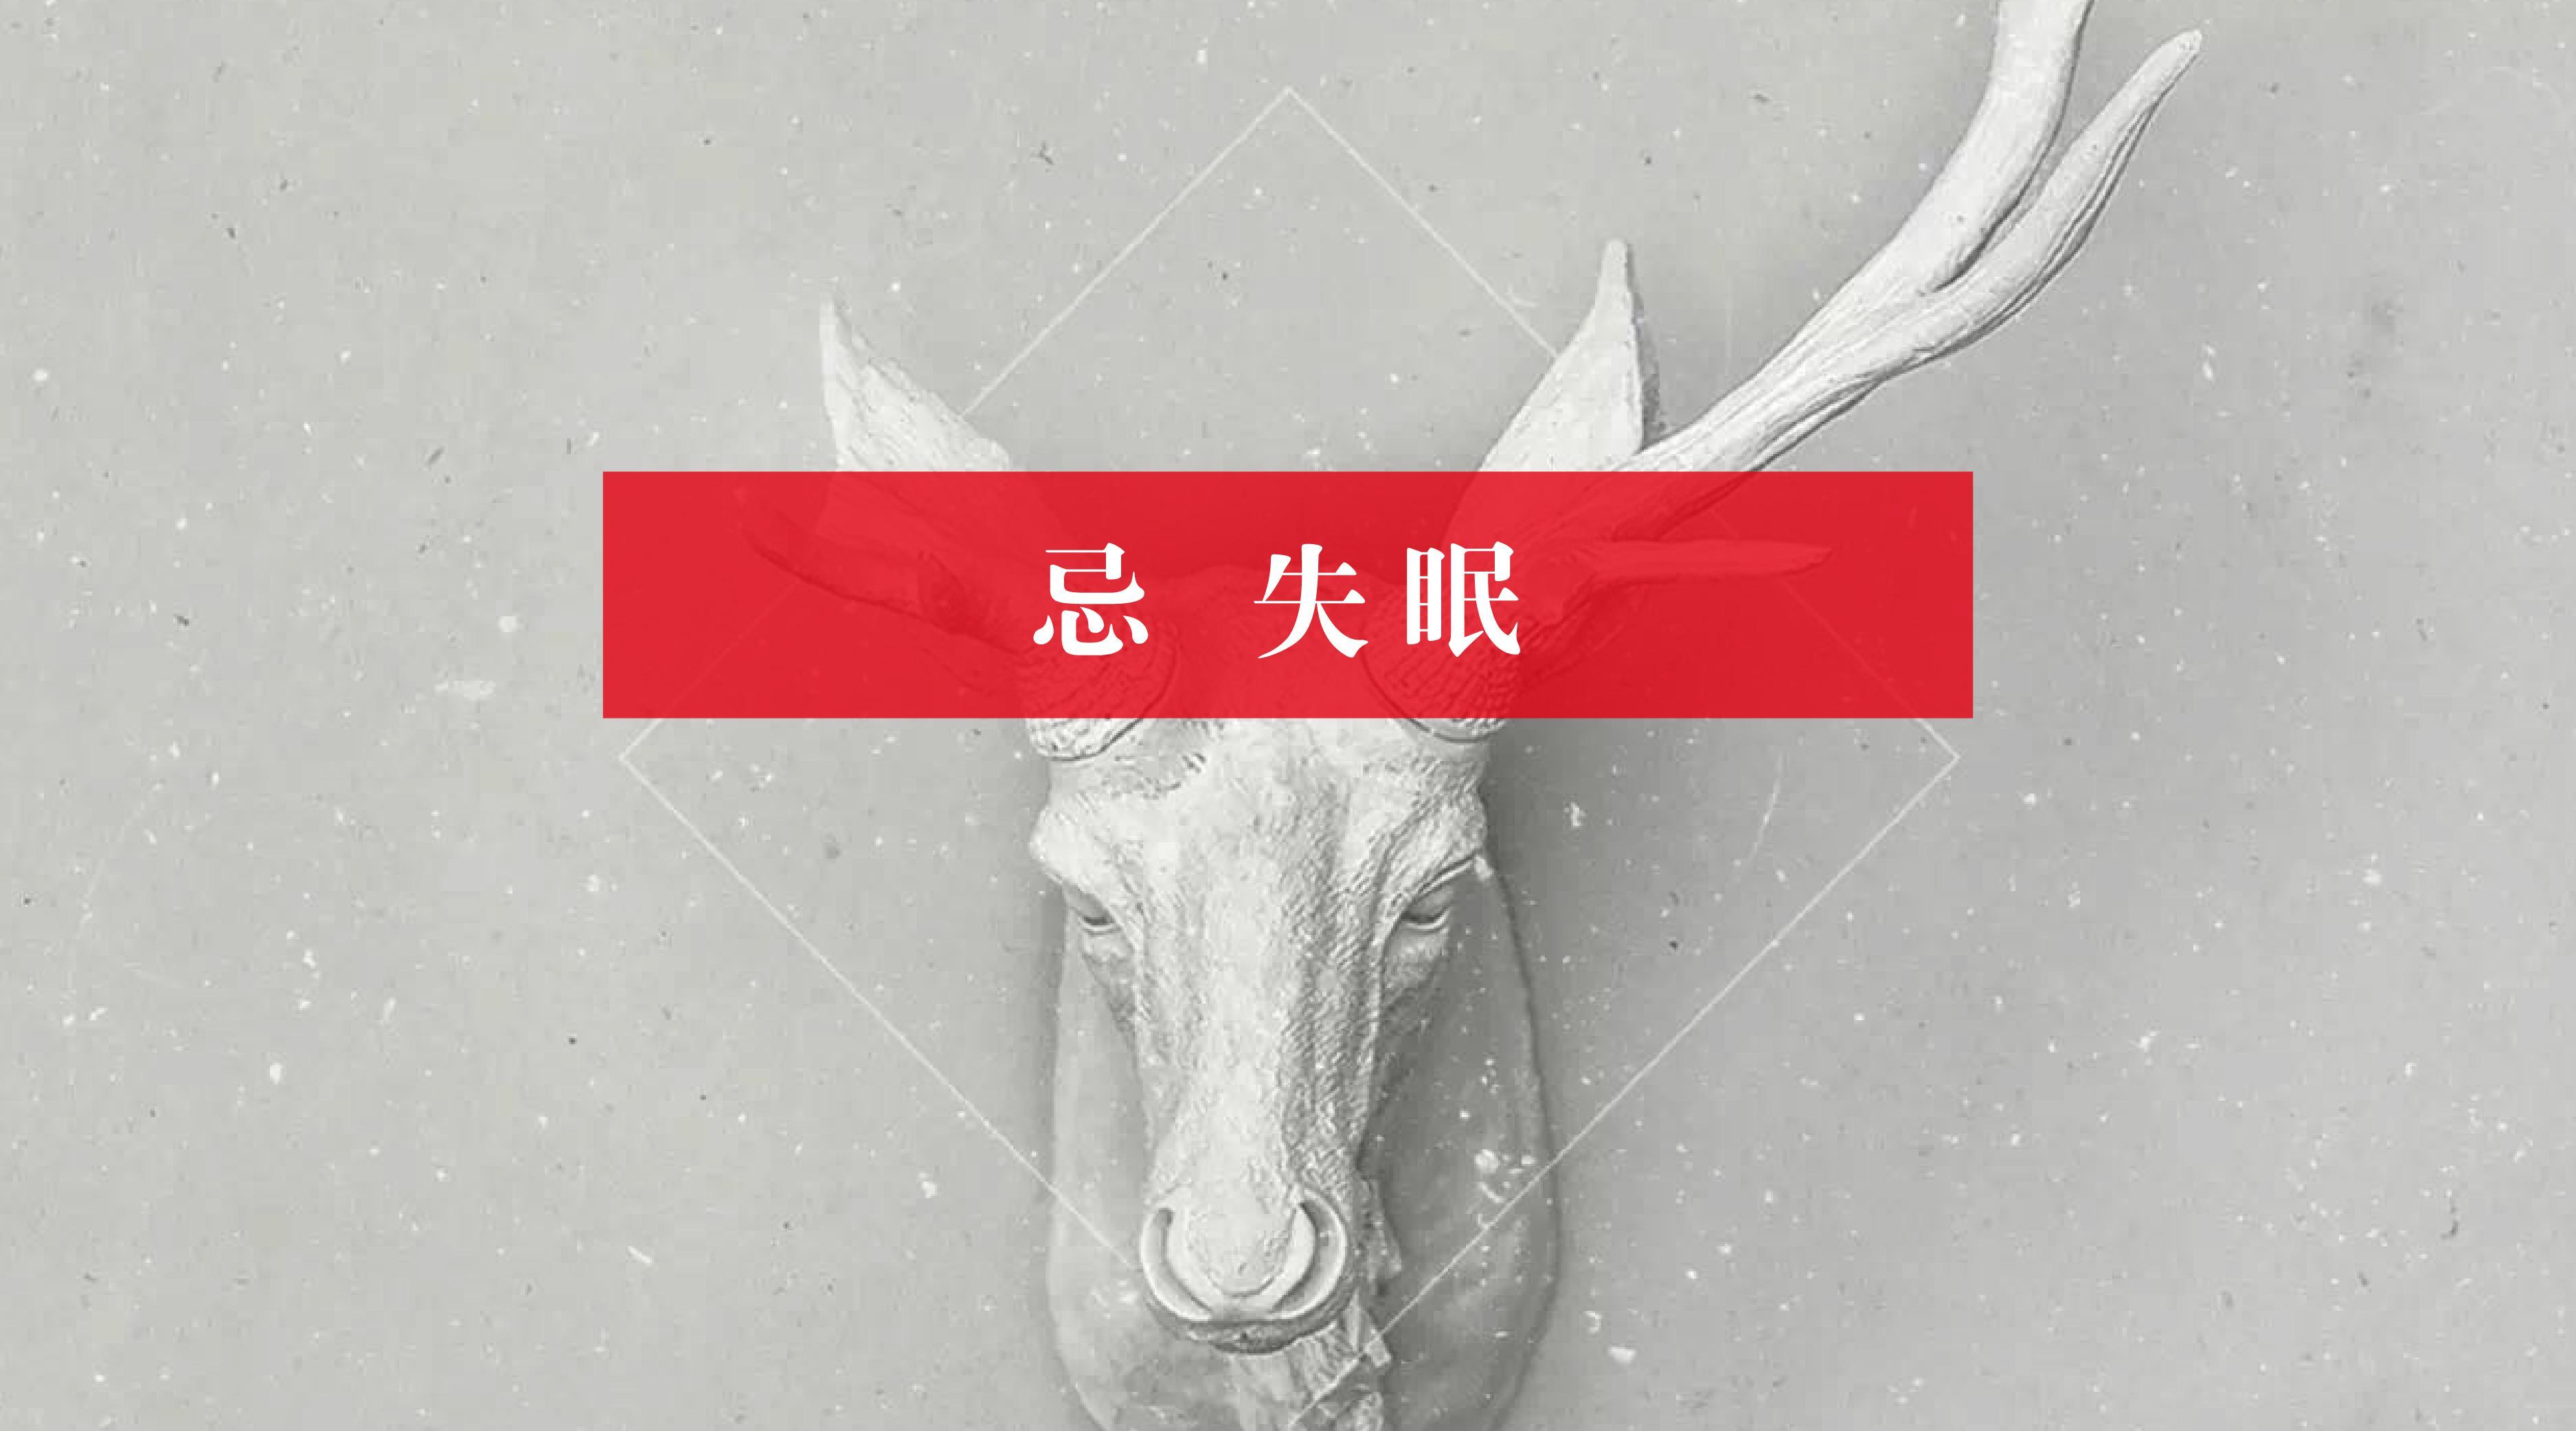 鹿先森乐队:失眠时刻脑海里的歌